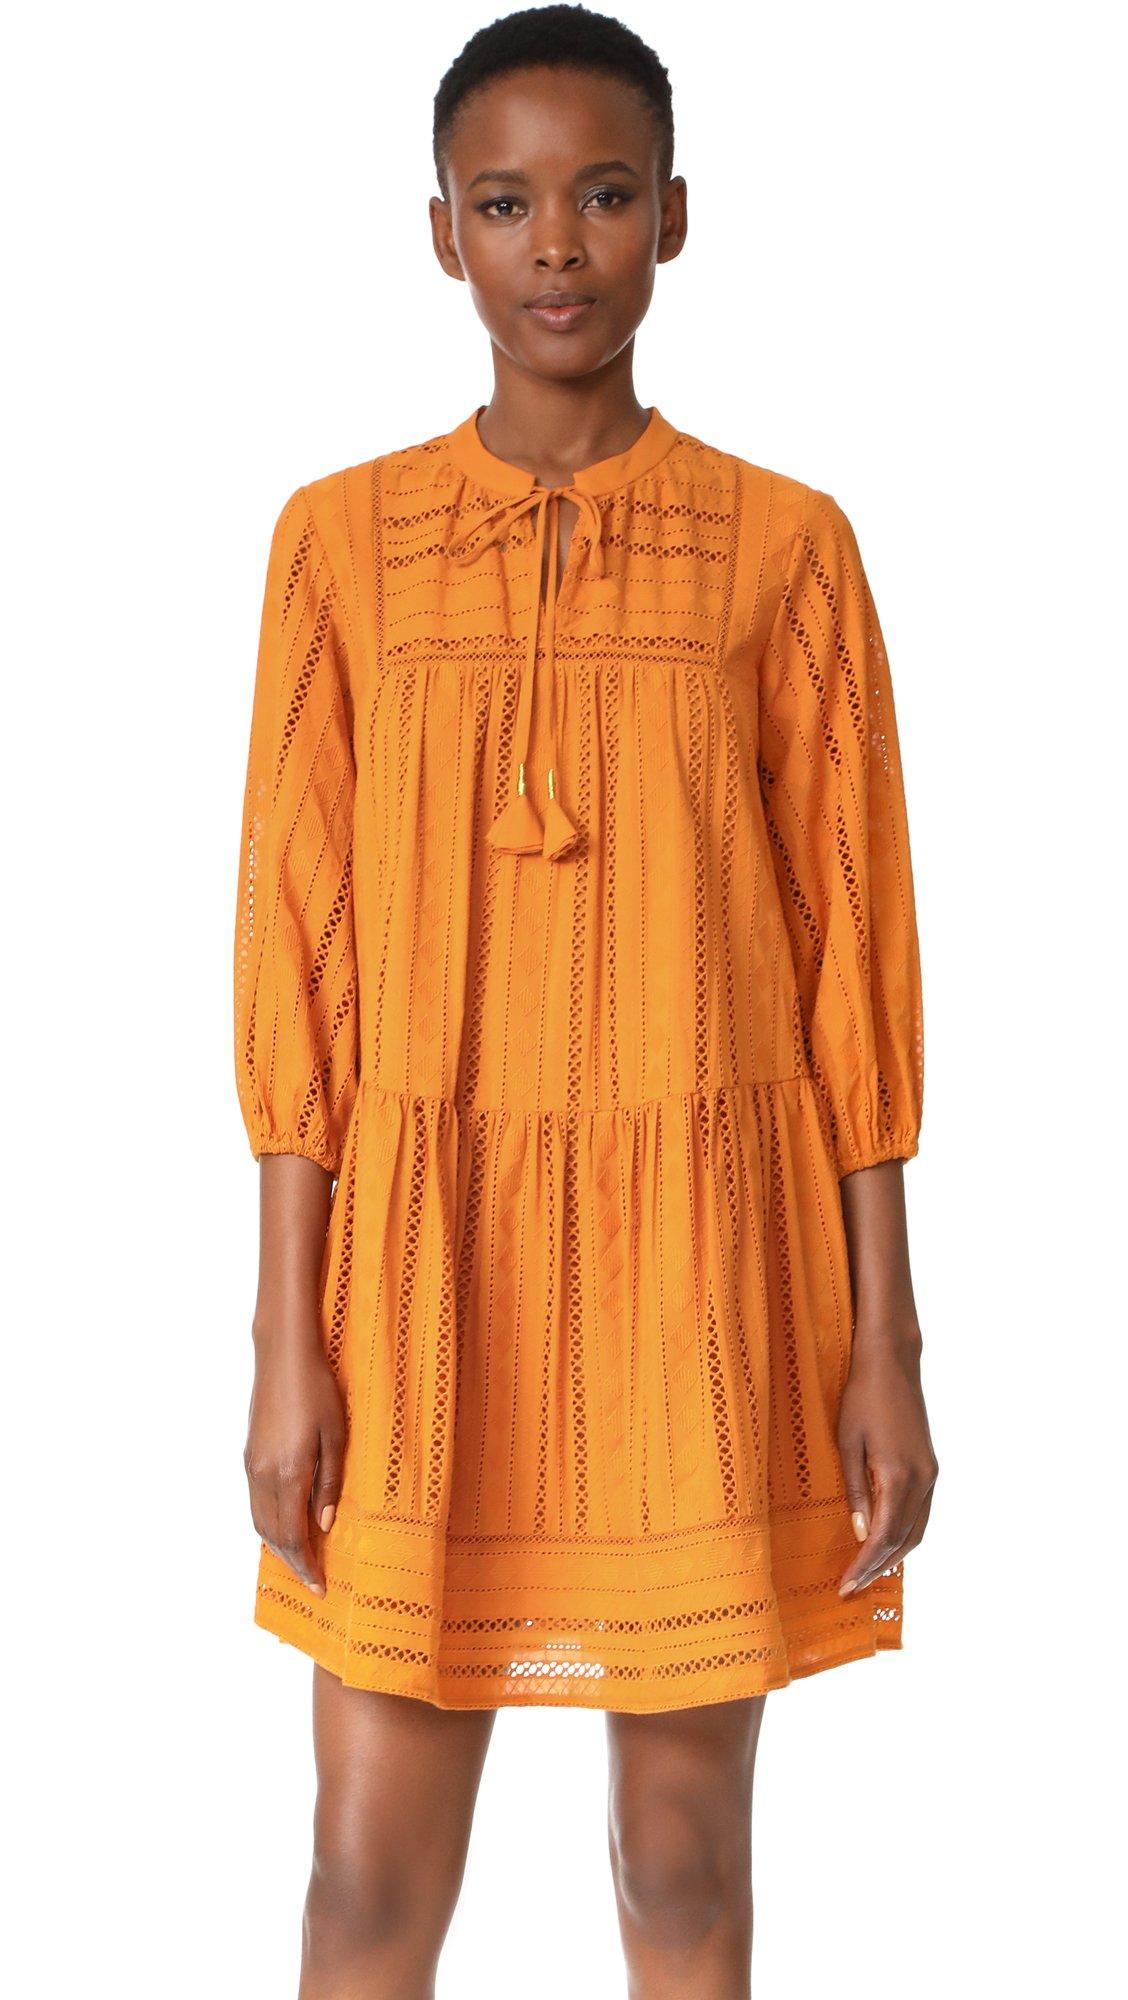 Available at Amazon: Shoshanna Women's Sunita Dress